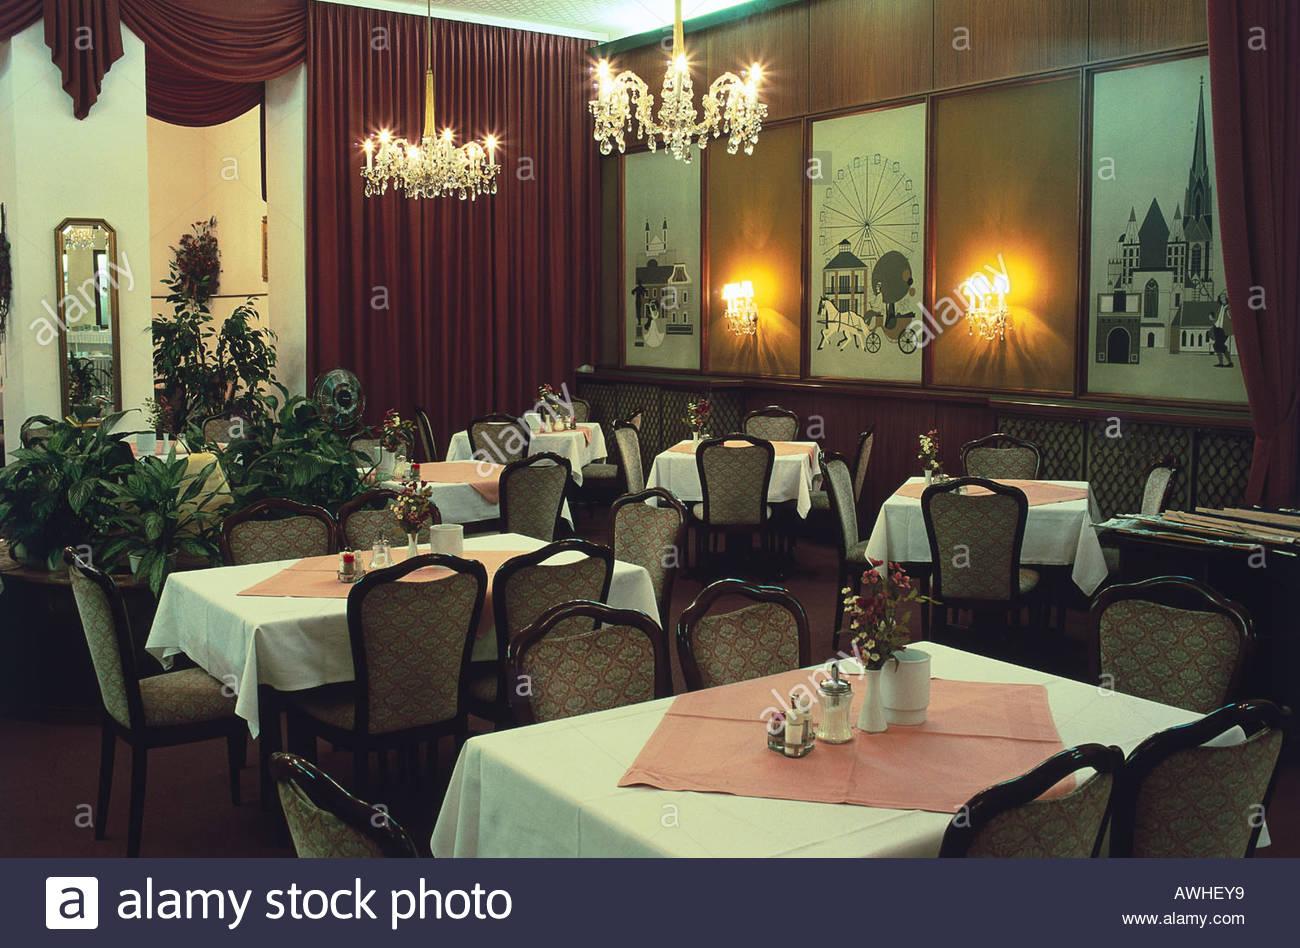 austria vienna fleischmarkt 20 hotel austria tables and chairs